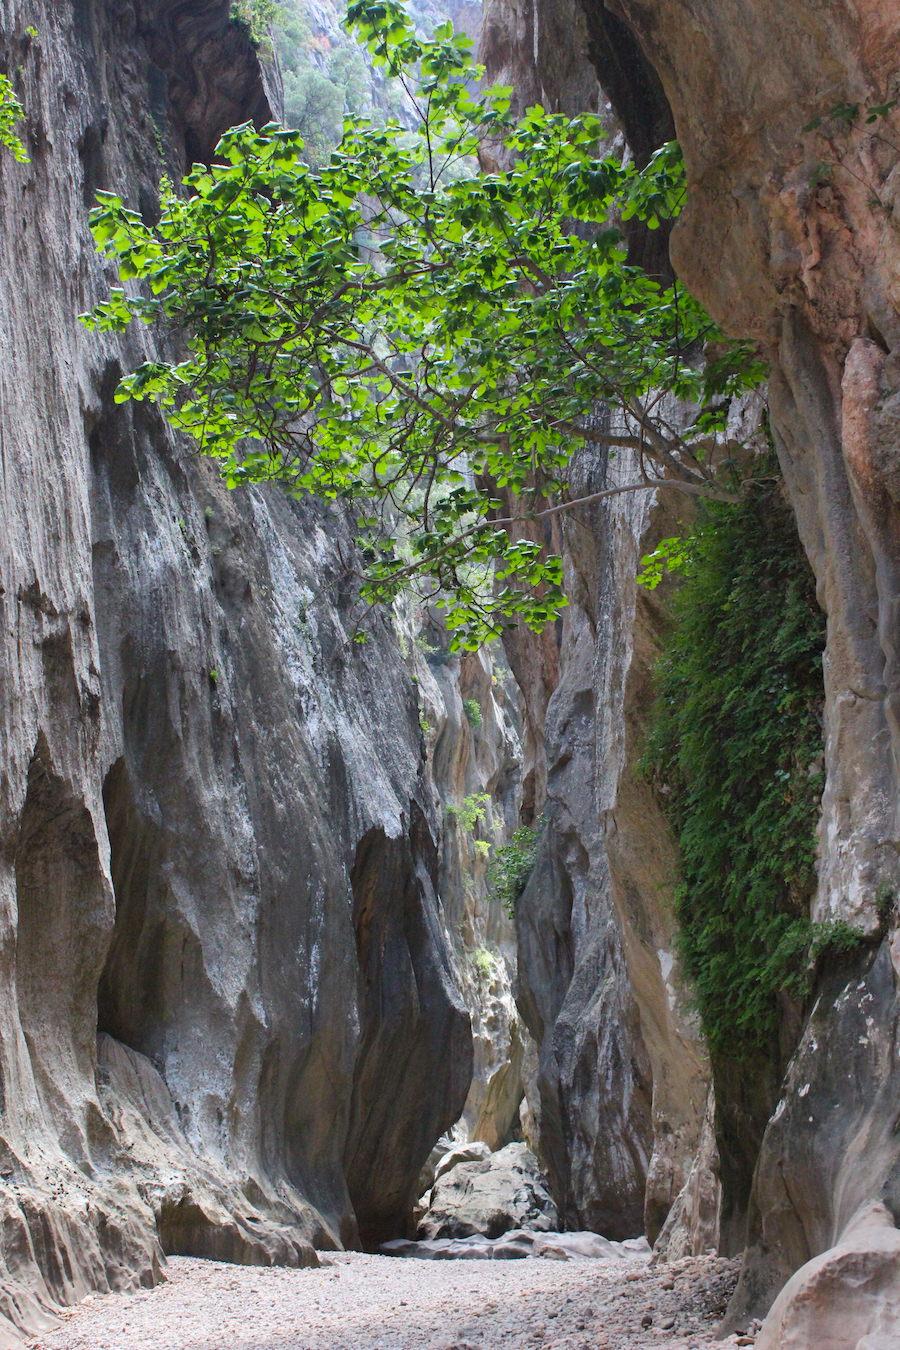 Wanderung Torrent de Pareis - Mallorca -Fast kein Sonnenlicht mehr